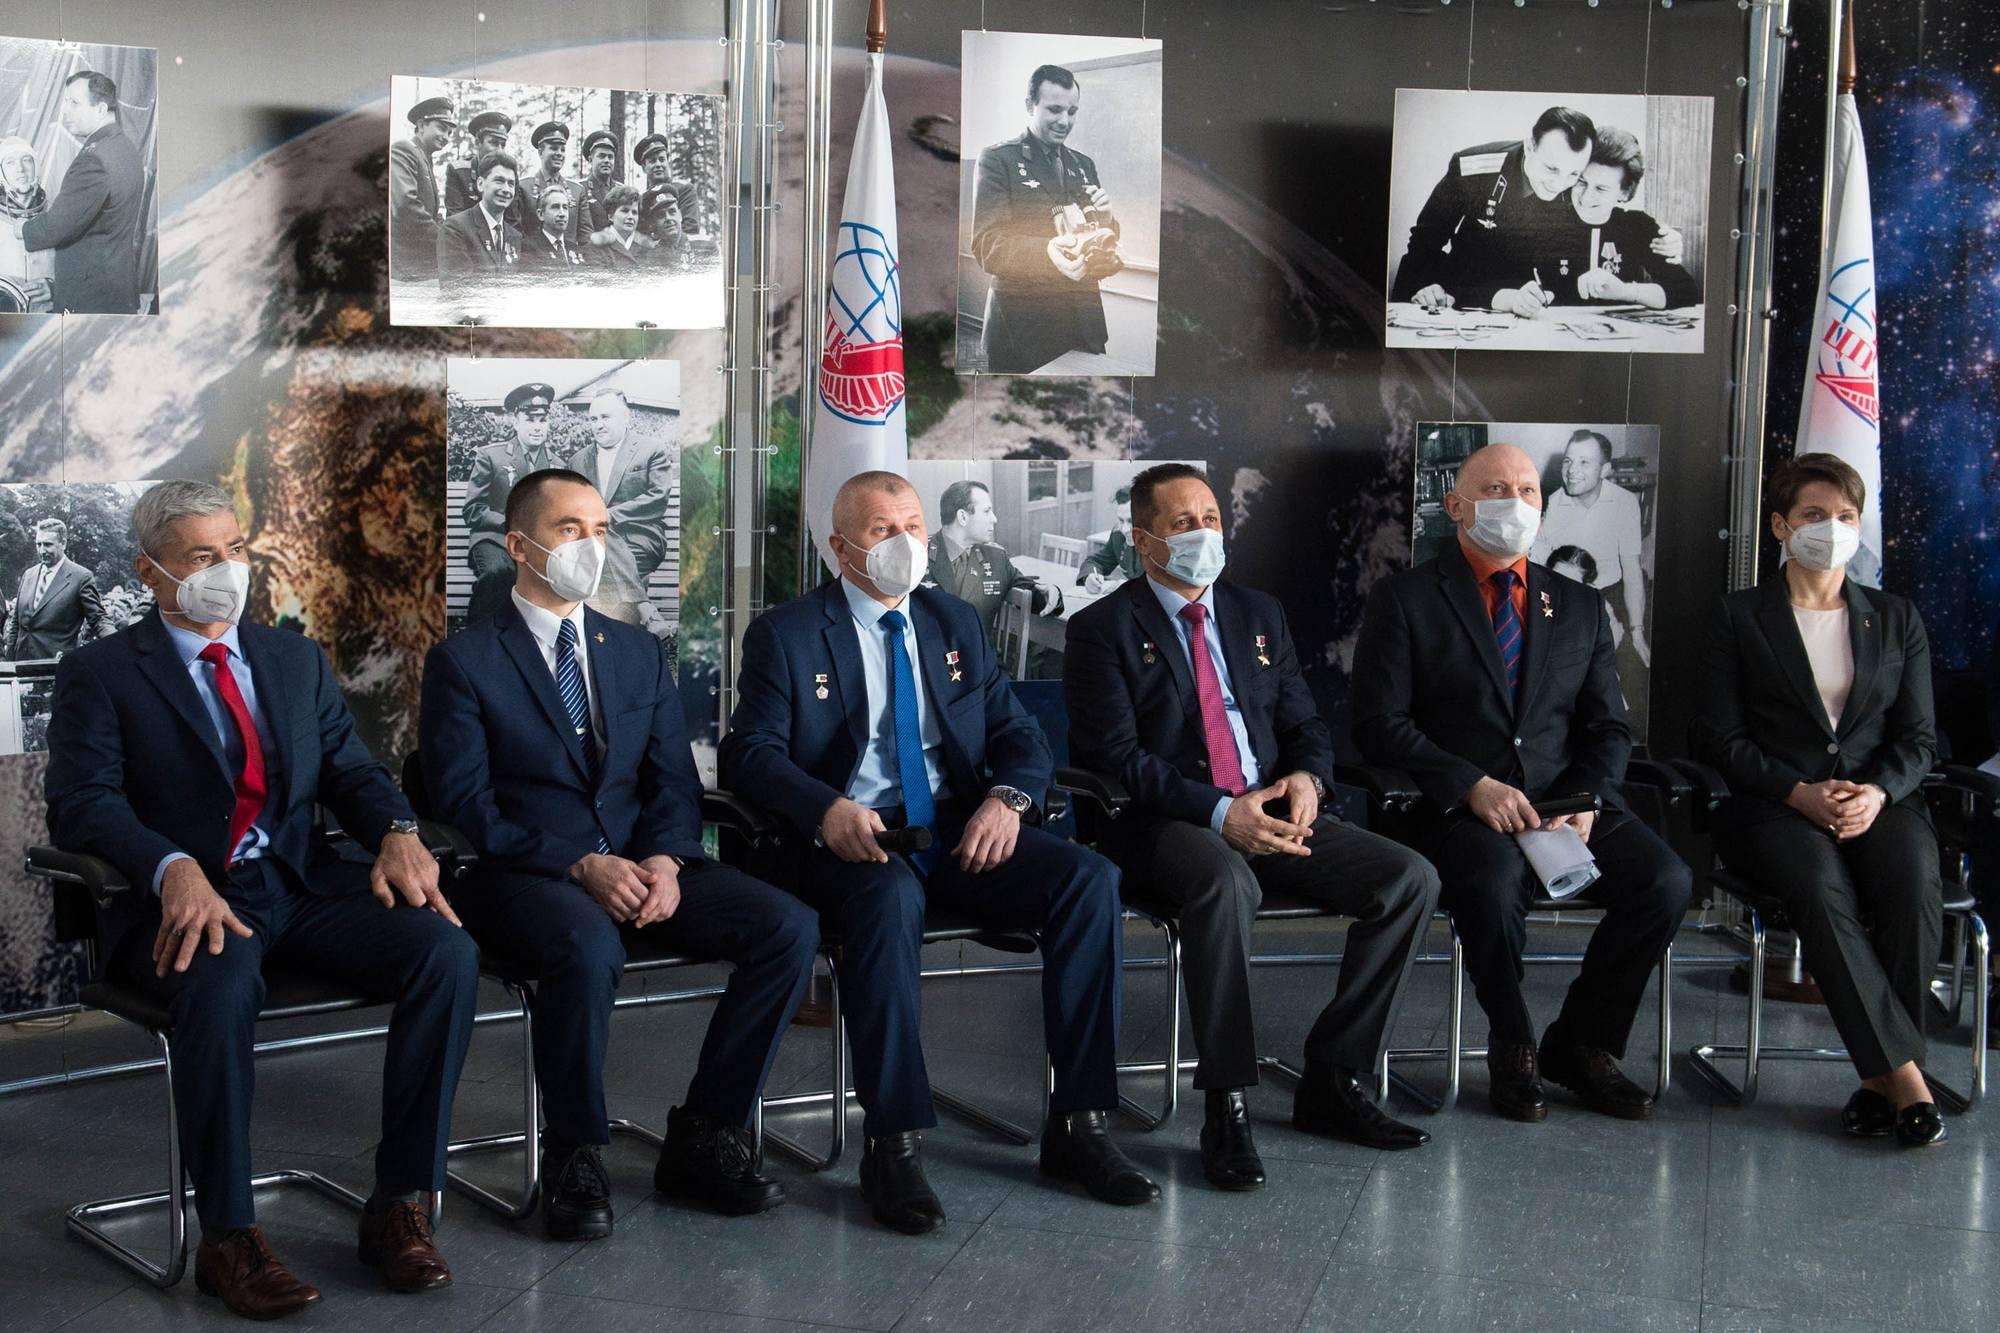 Les équipages de Soyouz MS-18 lors de la conférence de presse par vidéo le 24 mars 2021.